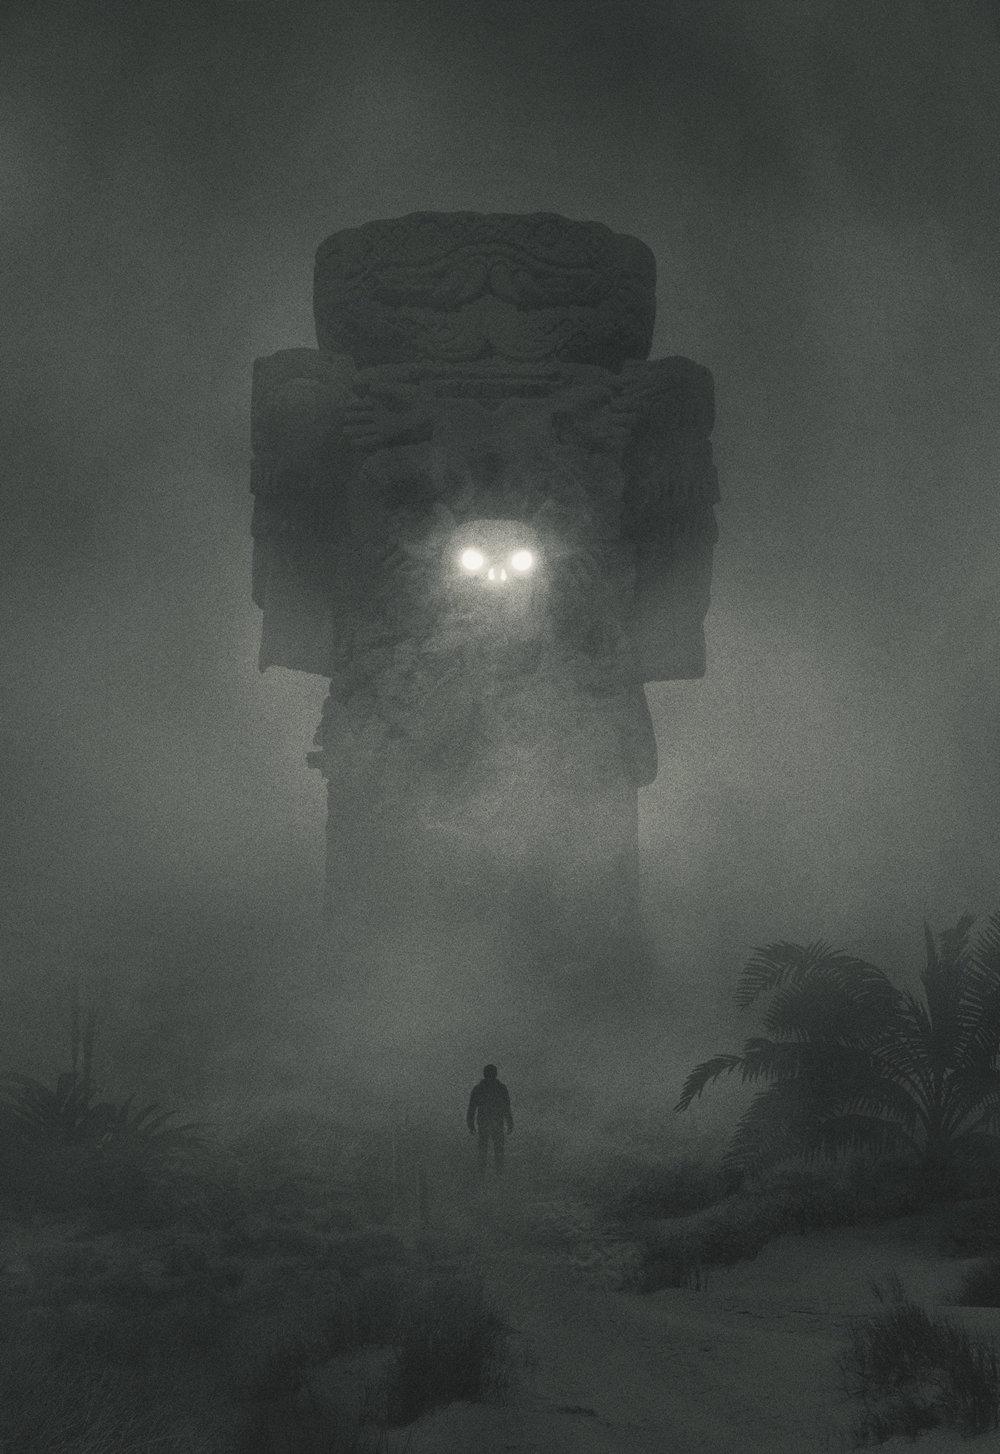 Fabulous Illustrations Of Mystic Beings In Gloomy Scenarios By Dawid Planeta 9